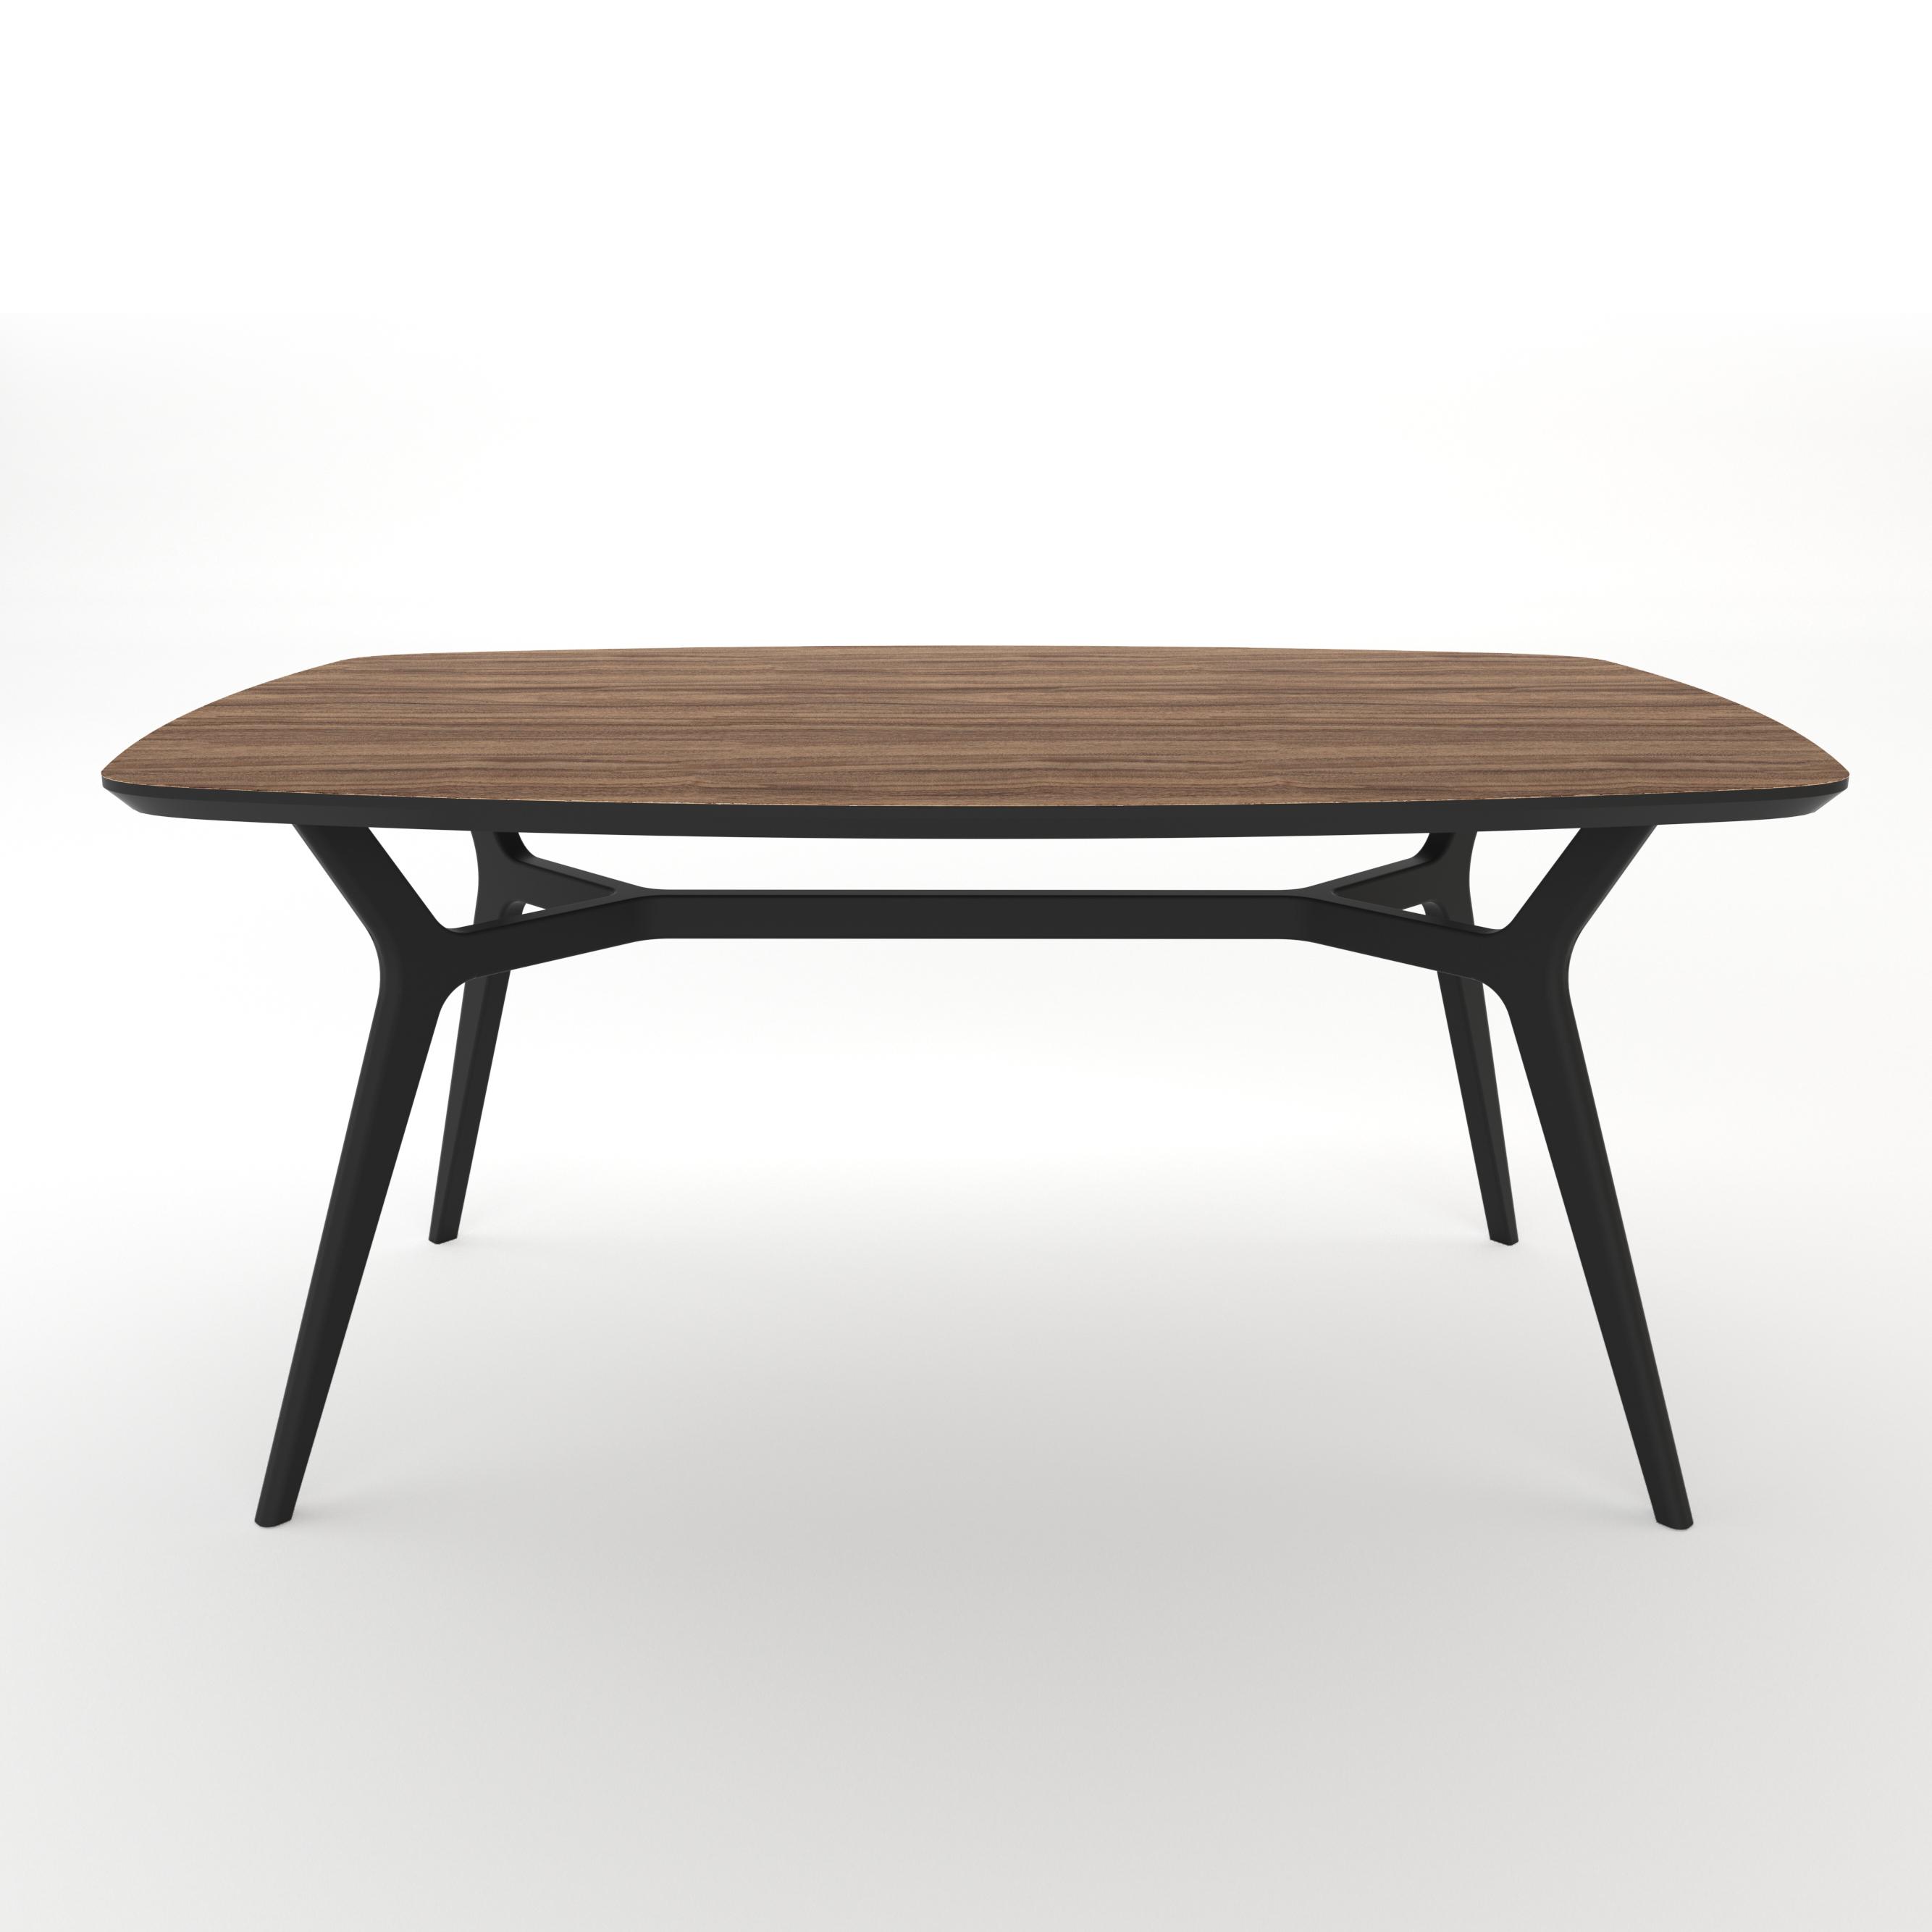 Стол JohannОбеденные столы<br>Тщательная проработка деталей и пропорций стола позволяет ему идеально вписаться в любой интерьер.&amp;amp;nbsp;&amp;lt;div&amp;gt;&amp;lt;br&amp;gt;&amp;lt;/div&amp;gt;&amp;lt;div&amp;gt;Отделка столешницы шпоном ореха, подстолье выкрашено в  цвет графит. Сборка не требуется. &amp;lt;/div&amp;gt;<br><br>Material: МДФ<br>Ширина см: 140<br>Высота см: 75<br>Глубина см: 90